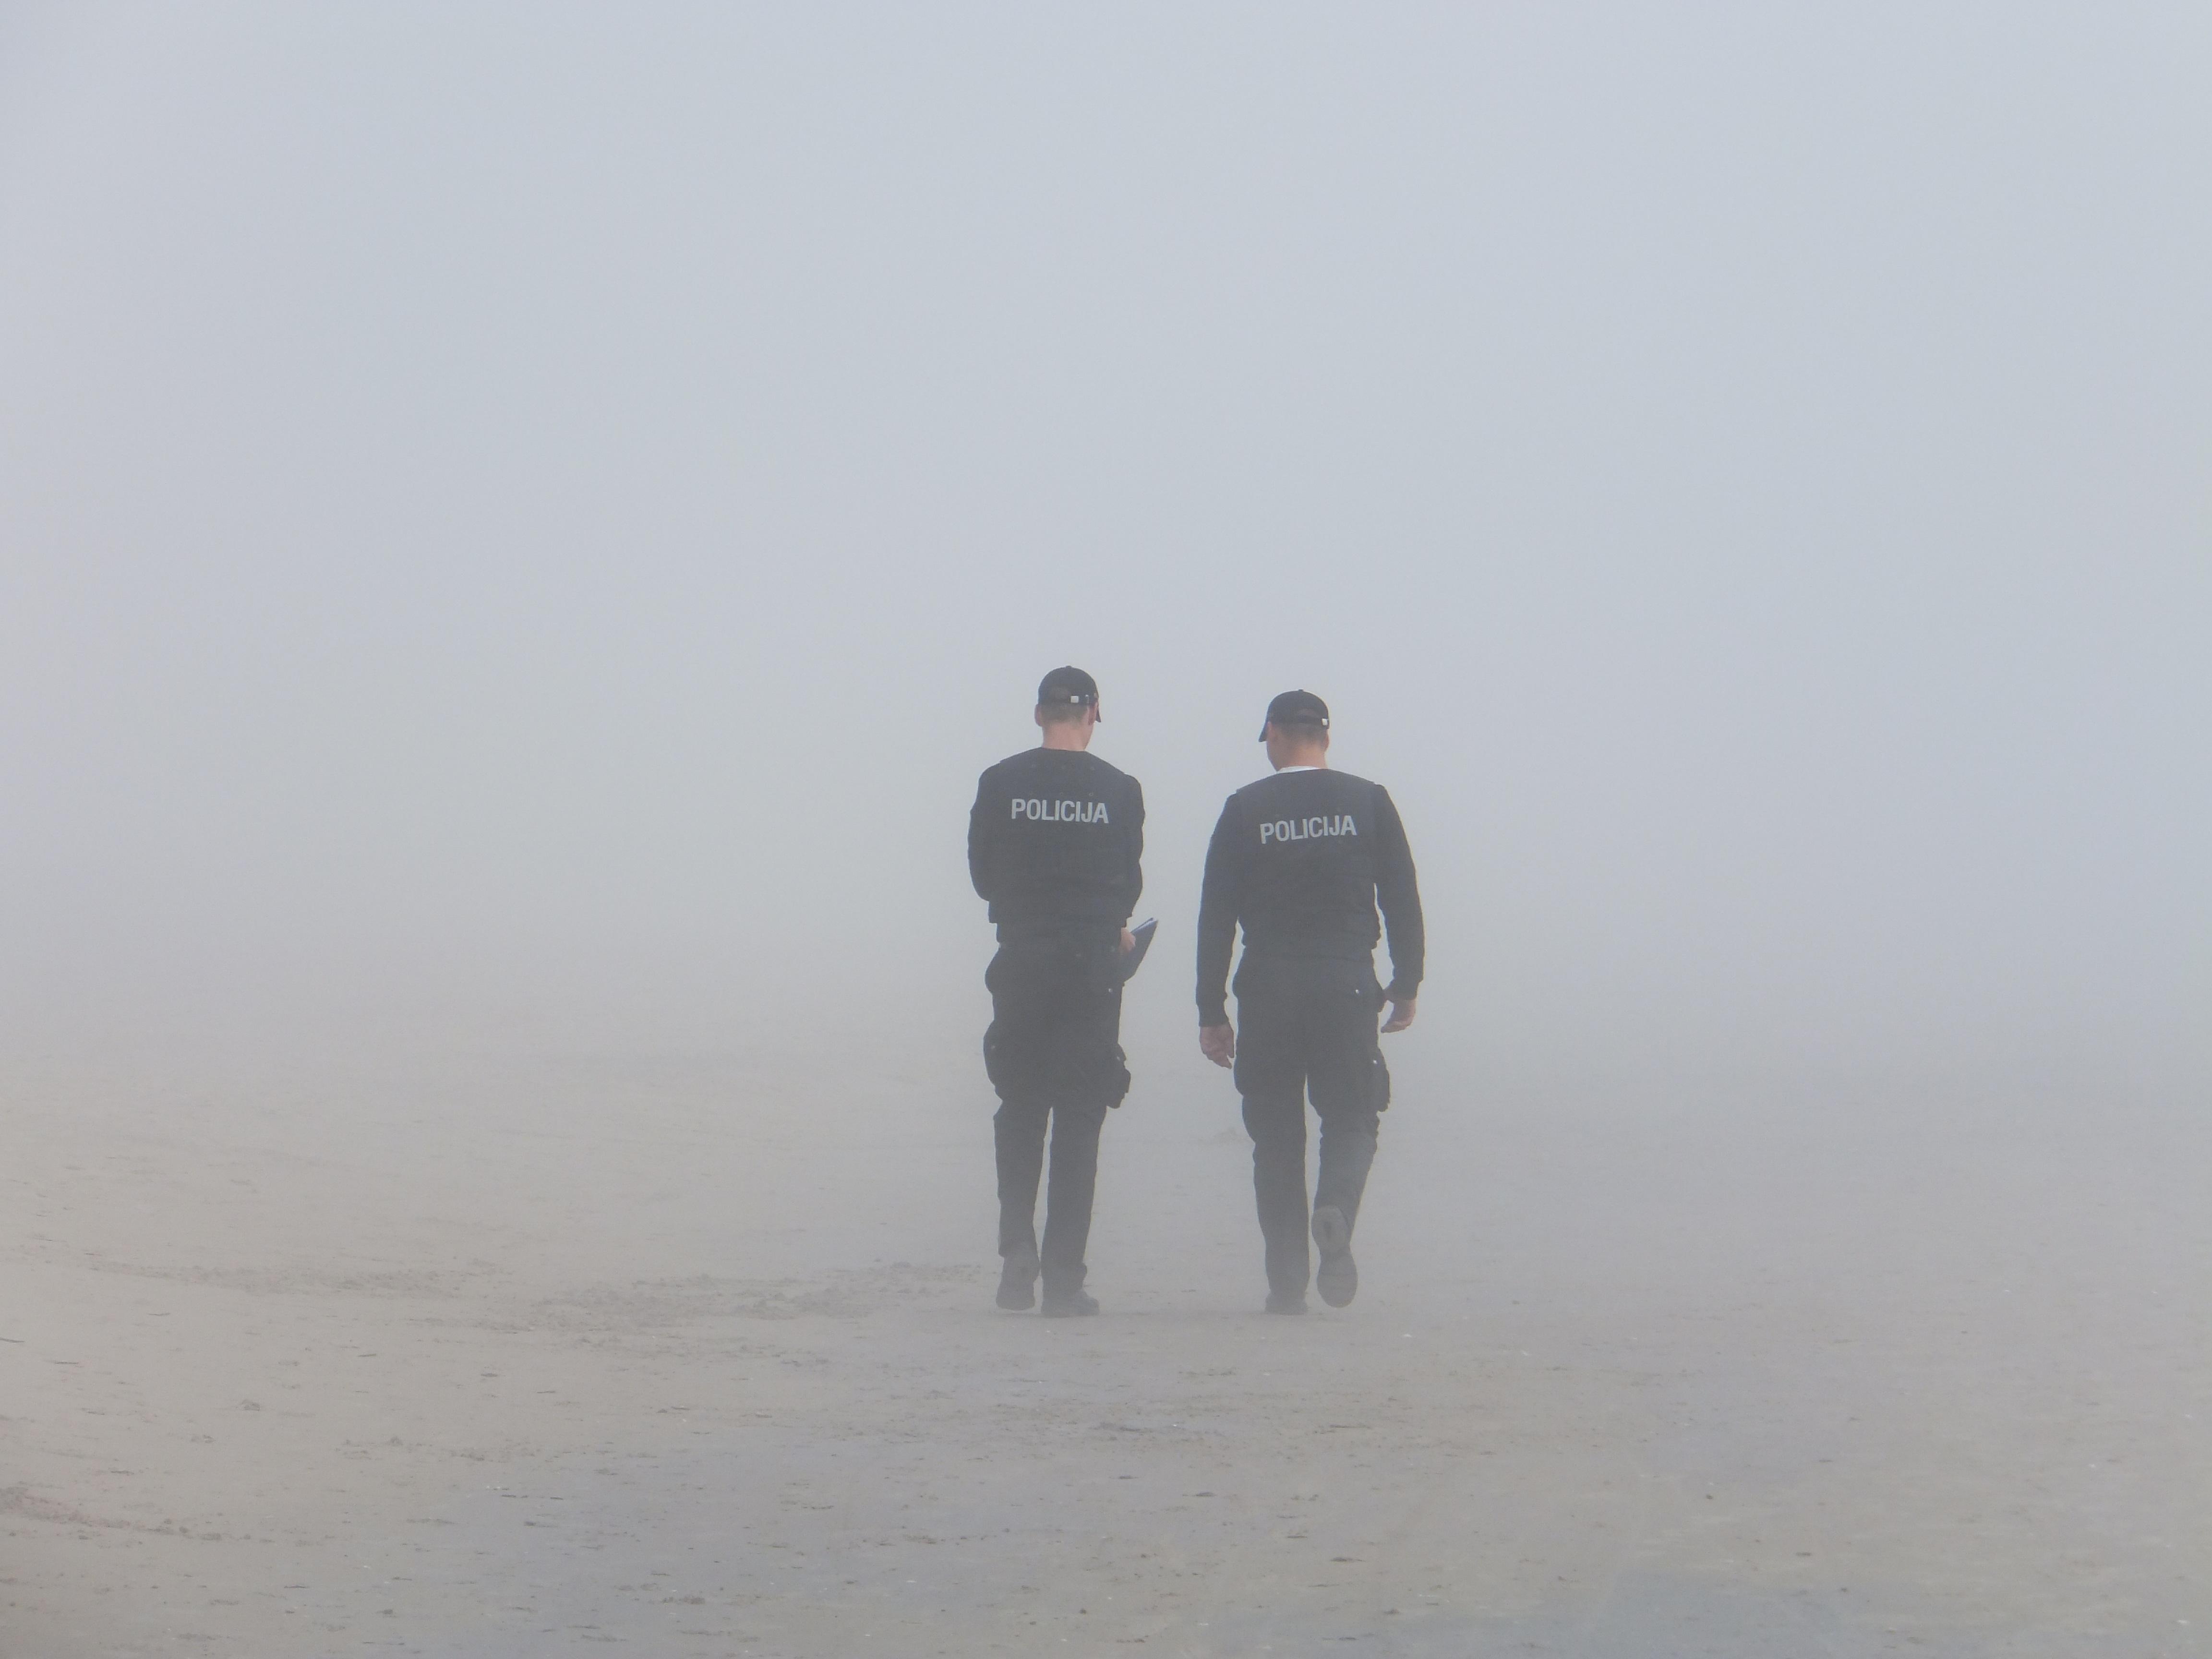 policja smog maski antysmogowe